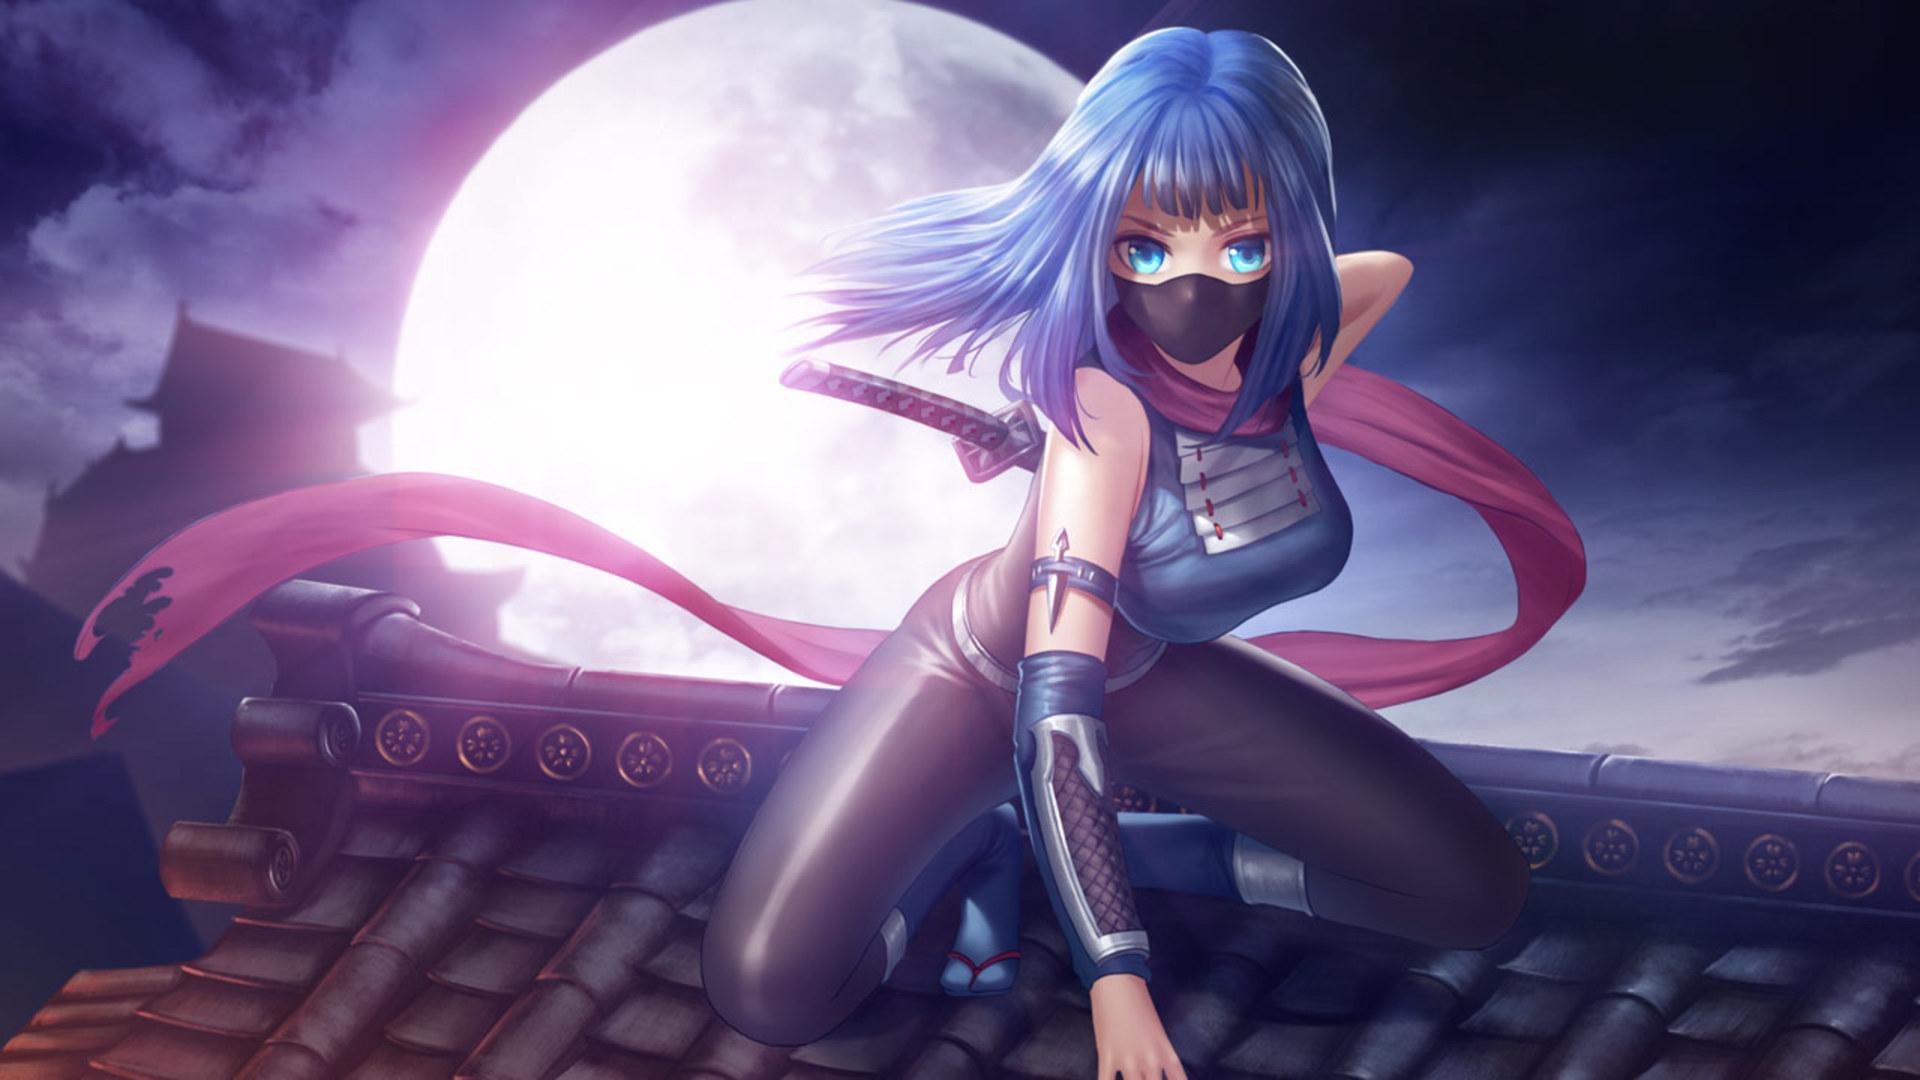 Anime Ninja Ps4wallpapers Com